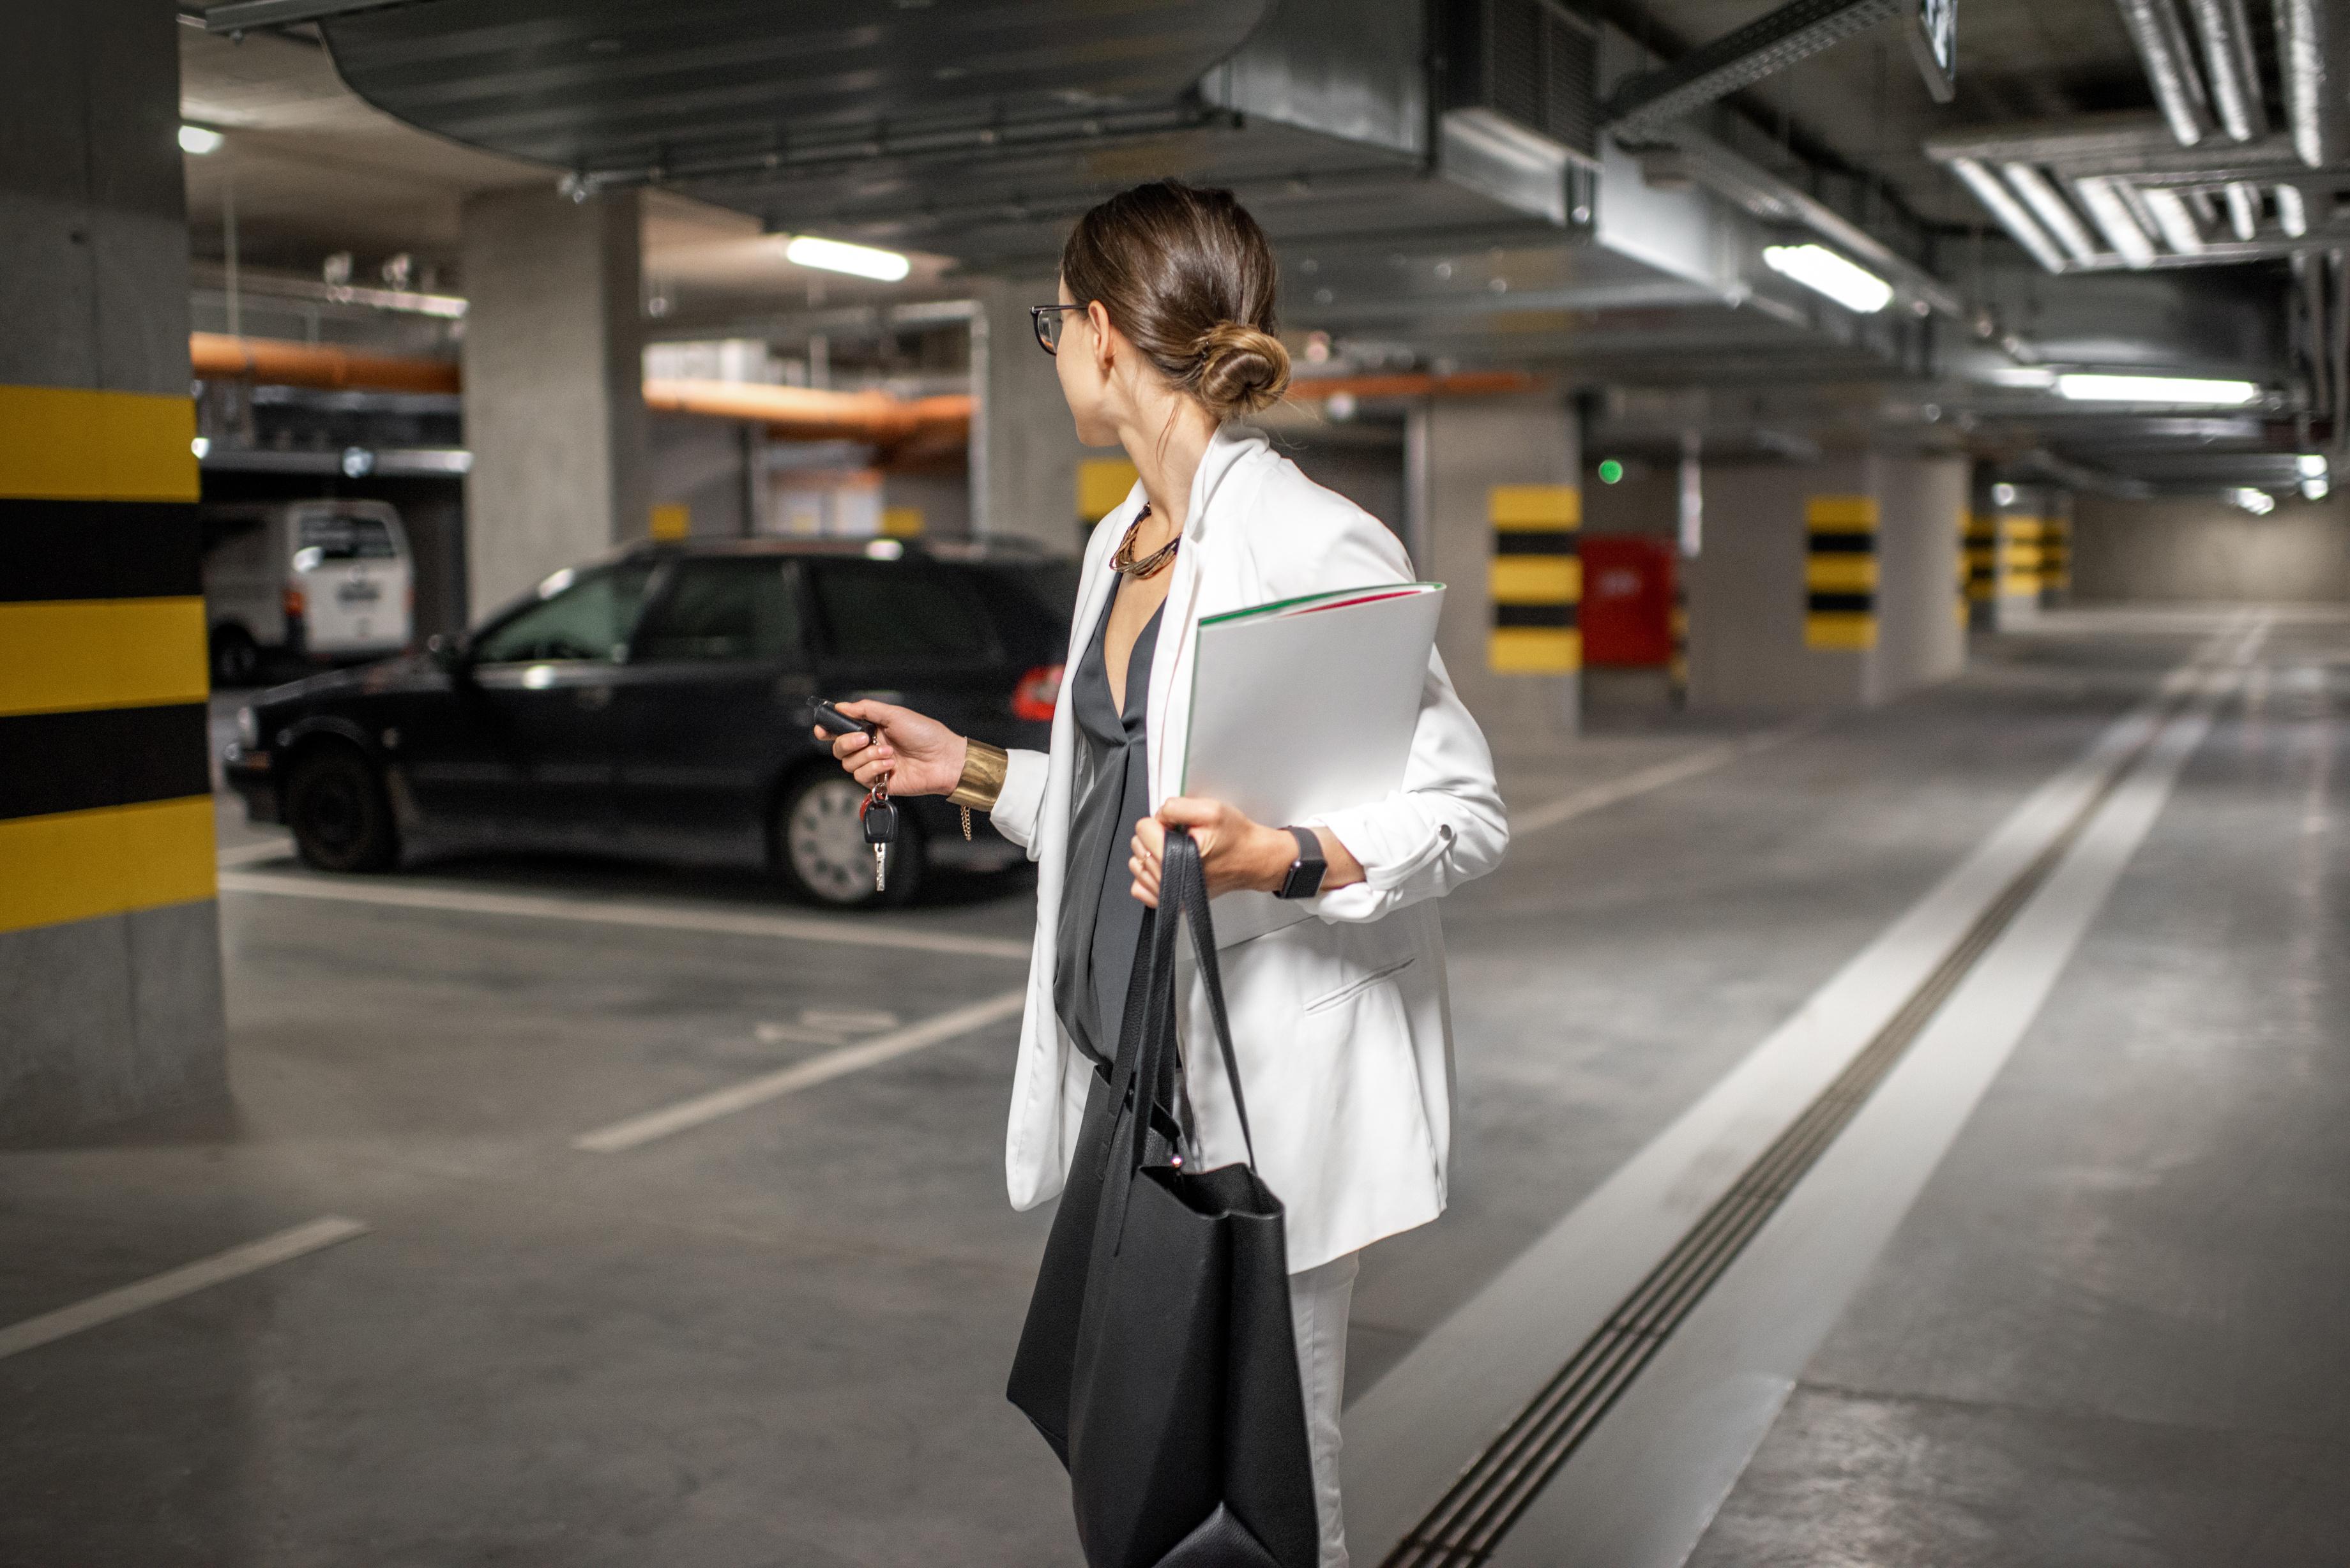 ¿Cómo debes colocar tu vehículo al parar o estacionar?